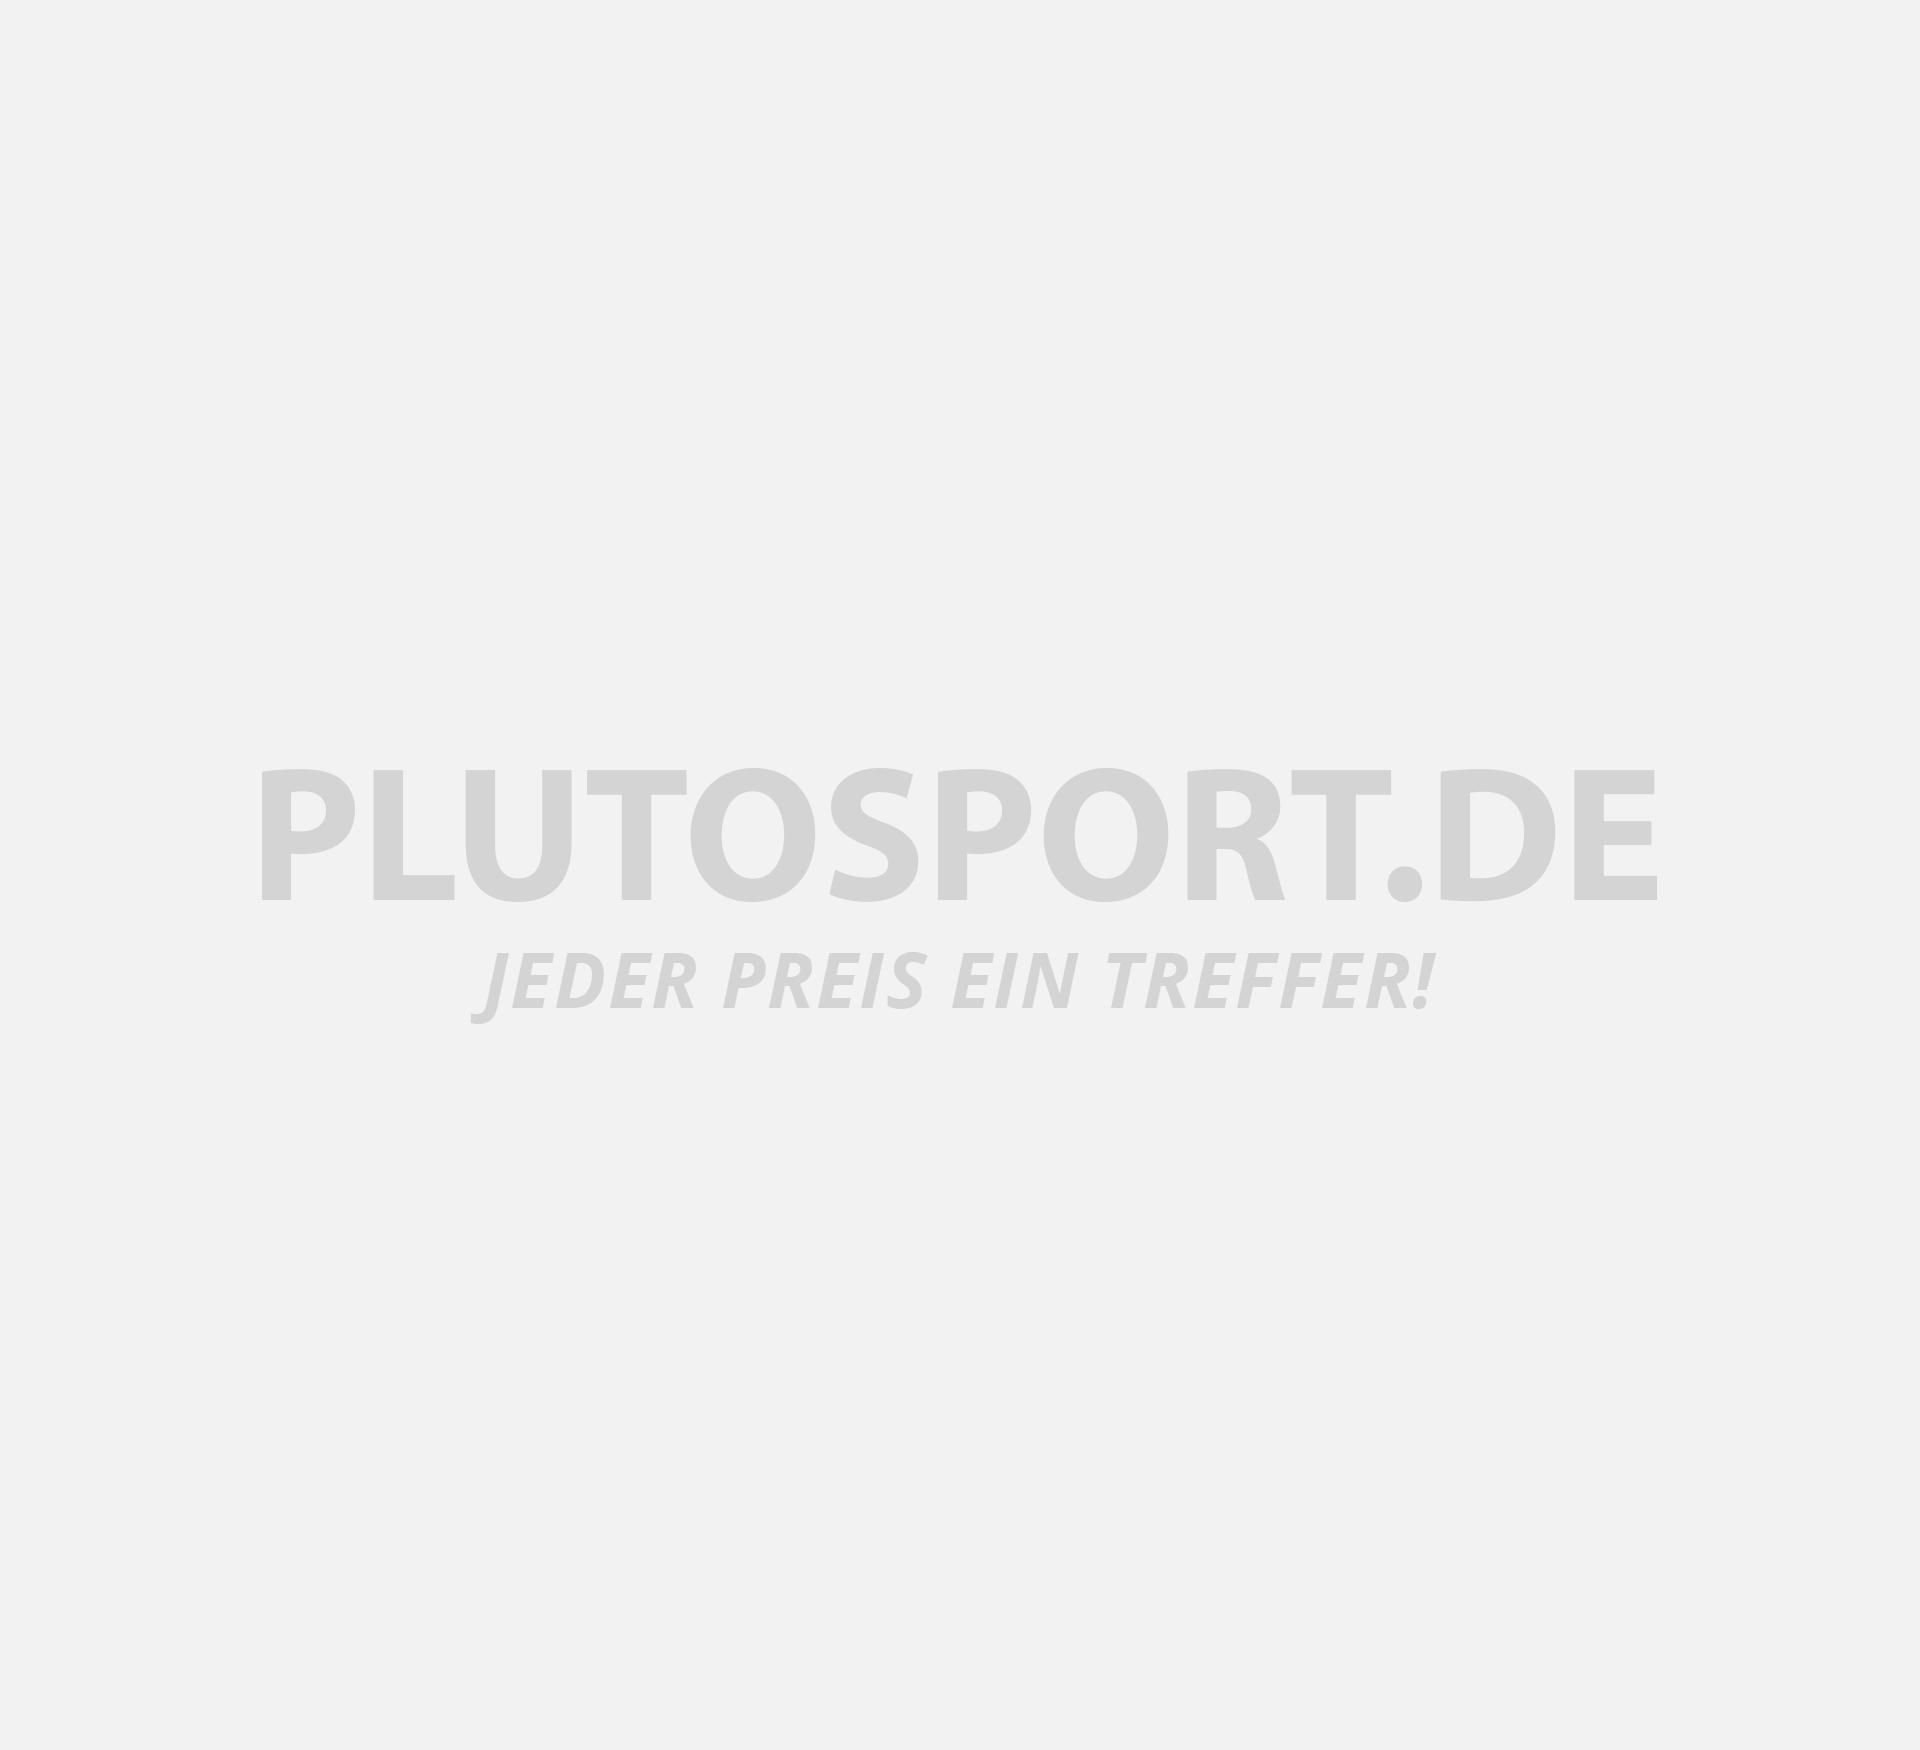 Jack & Jones Core Denim Trunks Boxershorts Herren (3-pack)